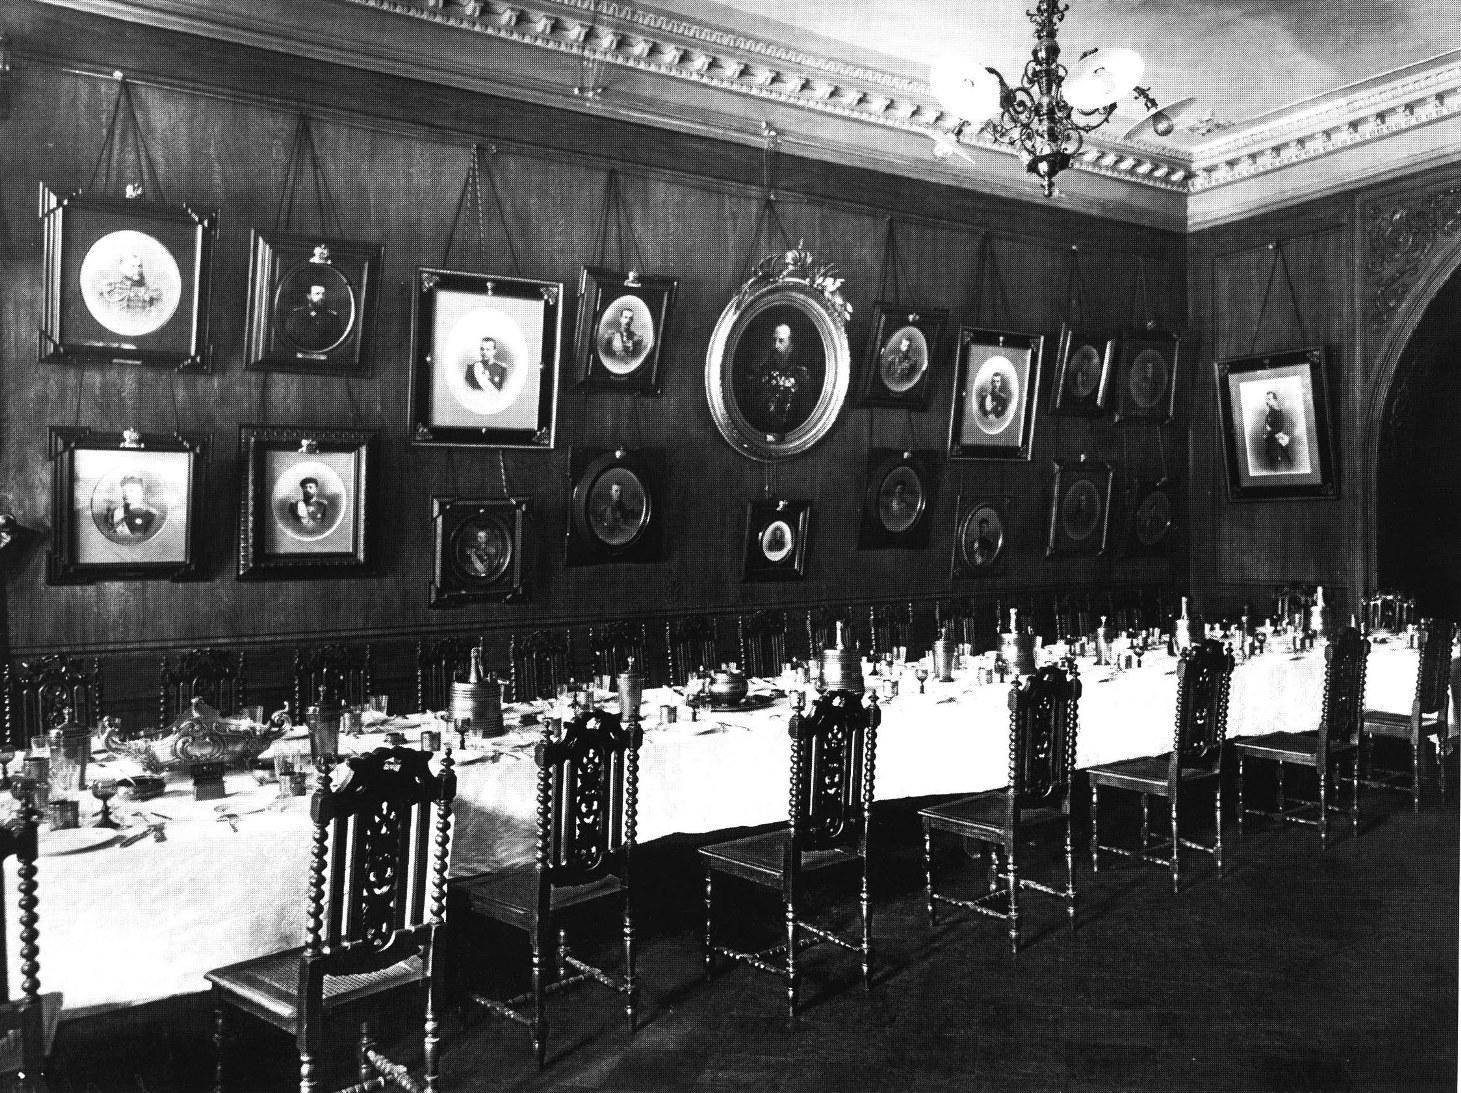 1916. Интерьер столовой офицерского собрания 4-го Стрелкового императорской фамилии батальона.